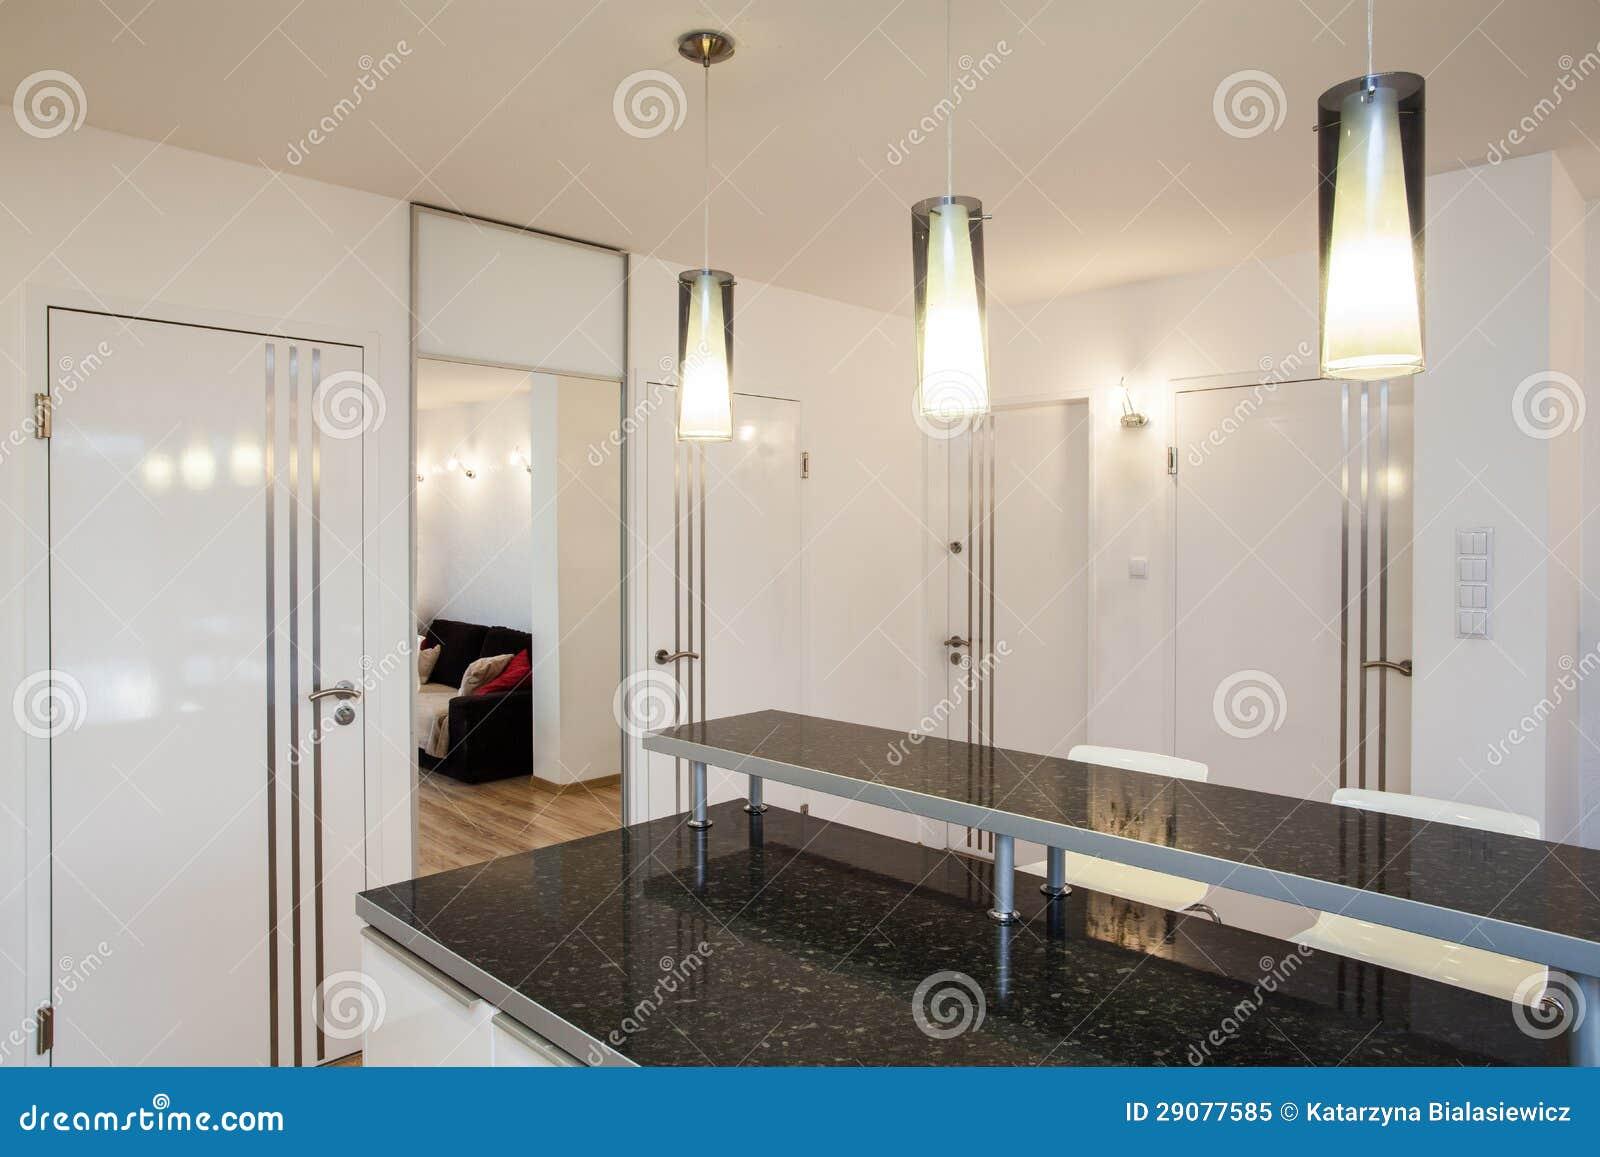 Stock Libera Da Diritti: Piano Alla Moda Controsoffitto Nella Cucina #82A328 1300 957 Cucina In Controsoffitto